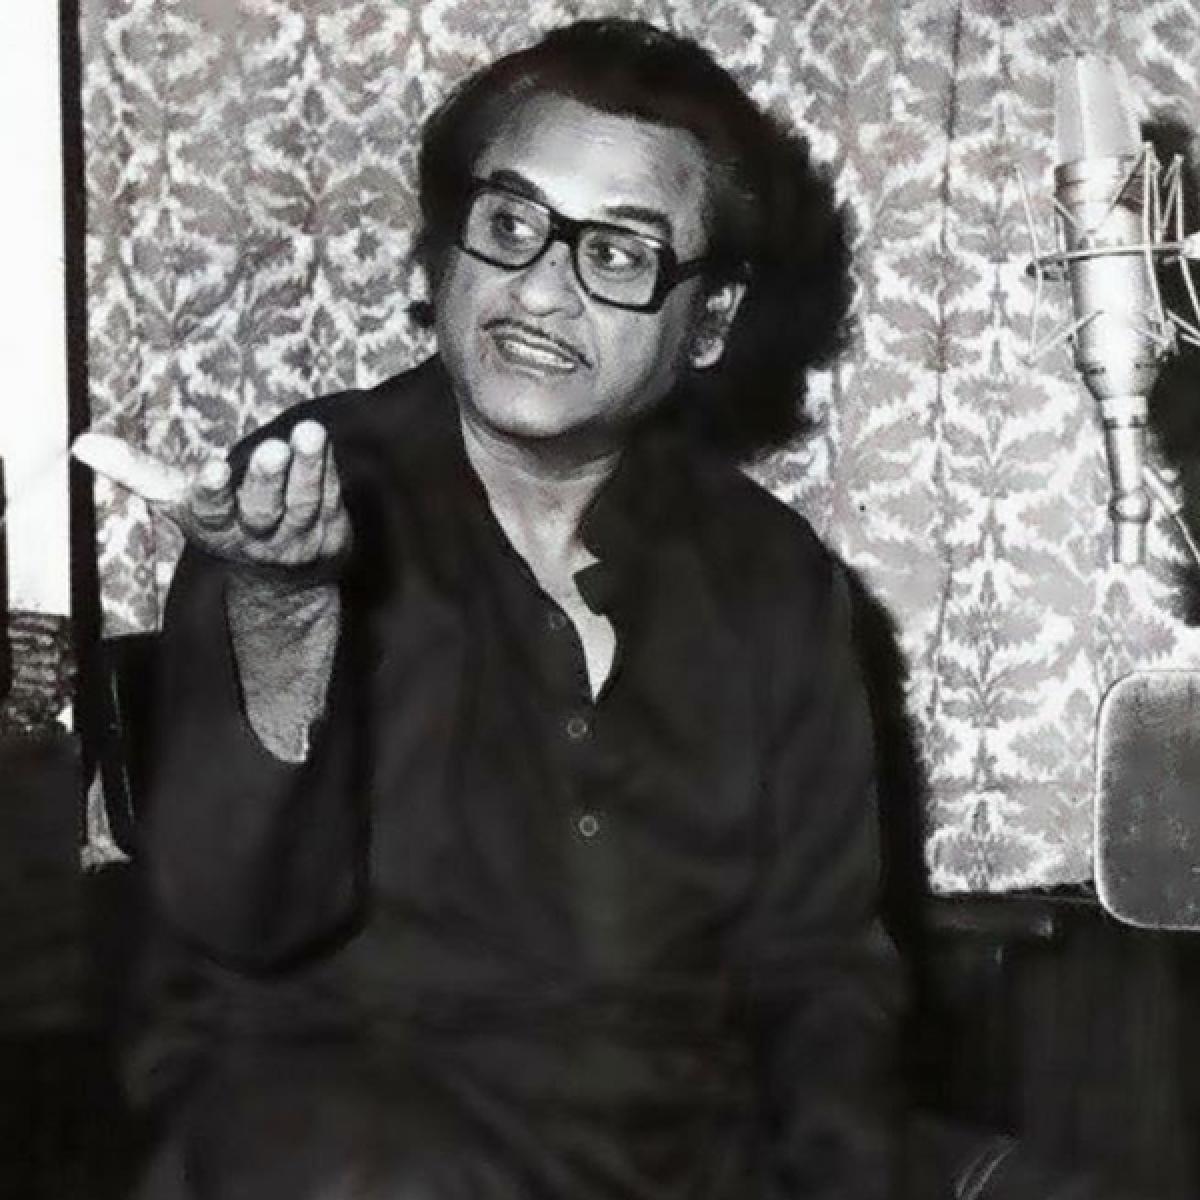 Why Mohammed Rafi never got the Dadasaheb Phalke award?